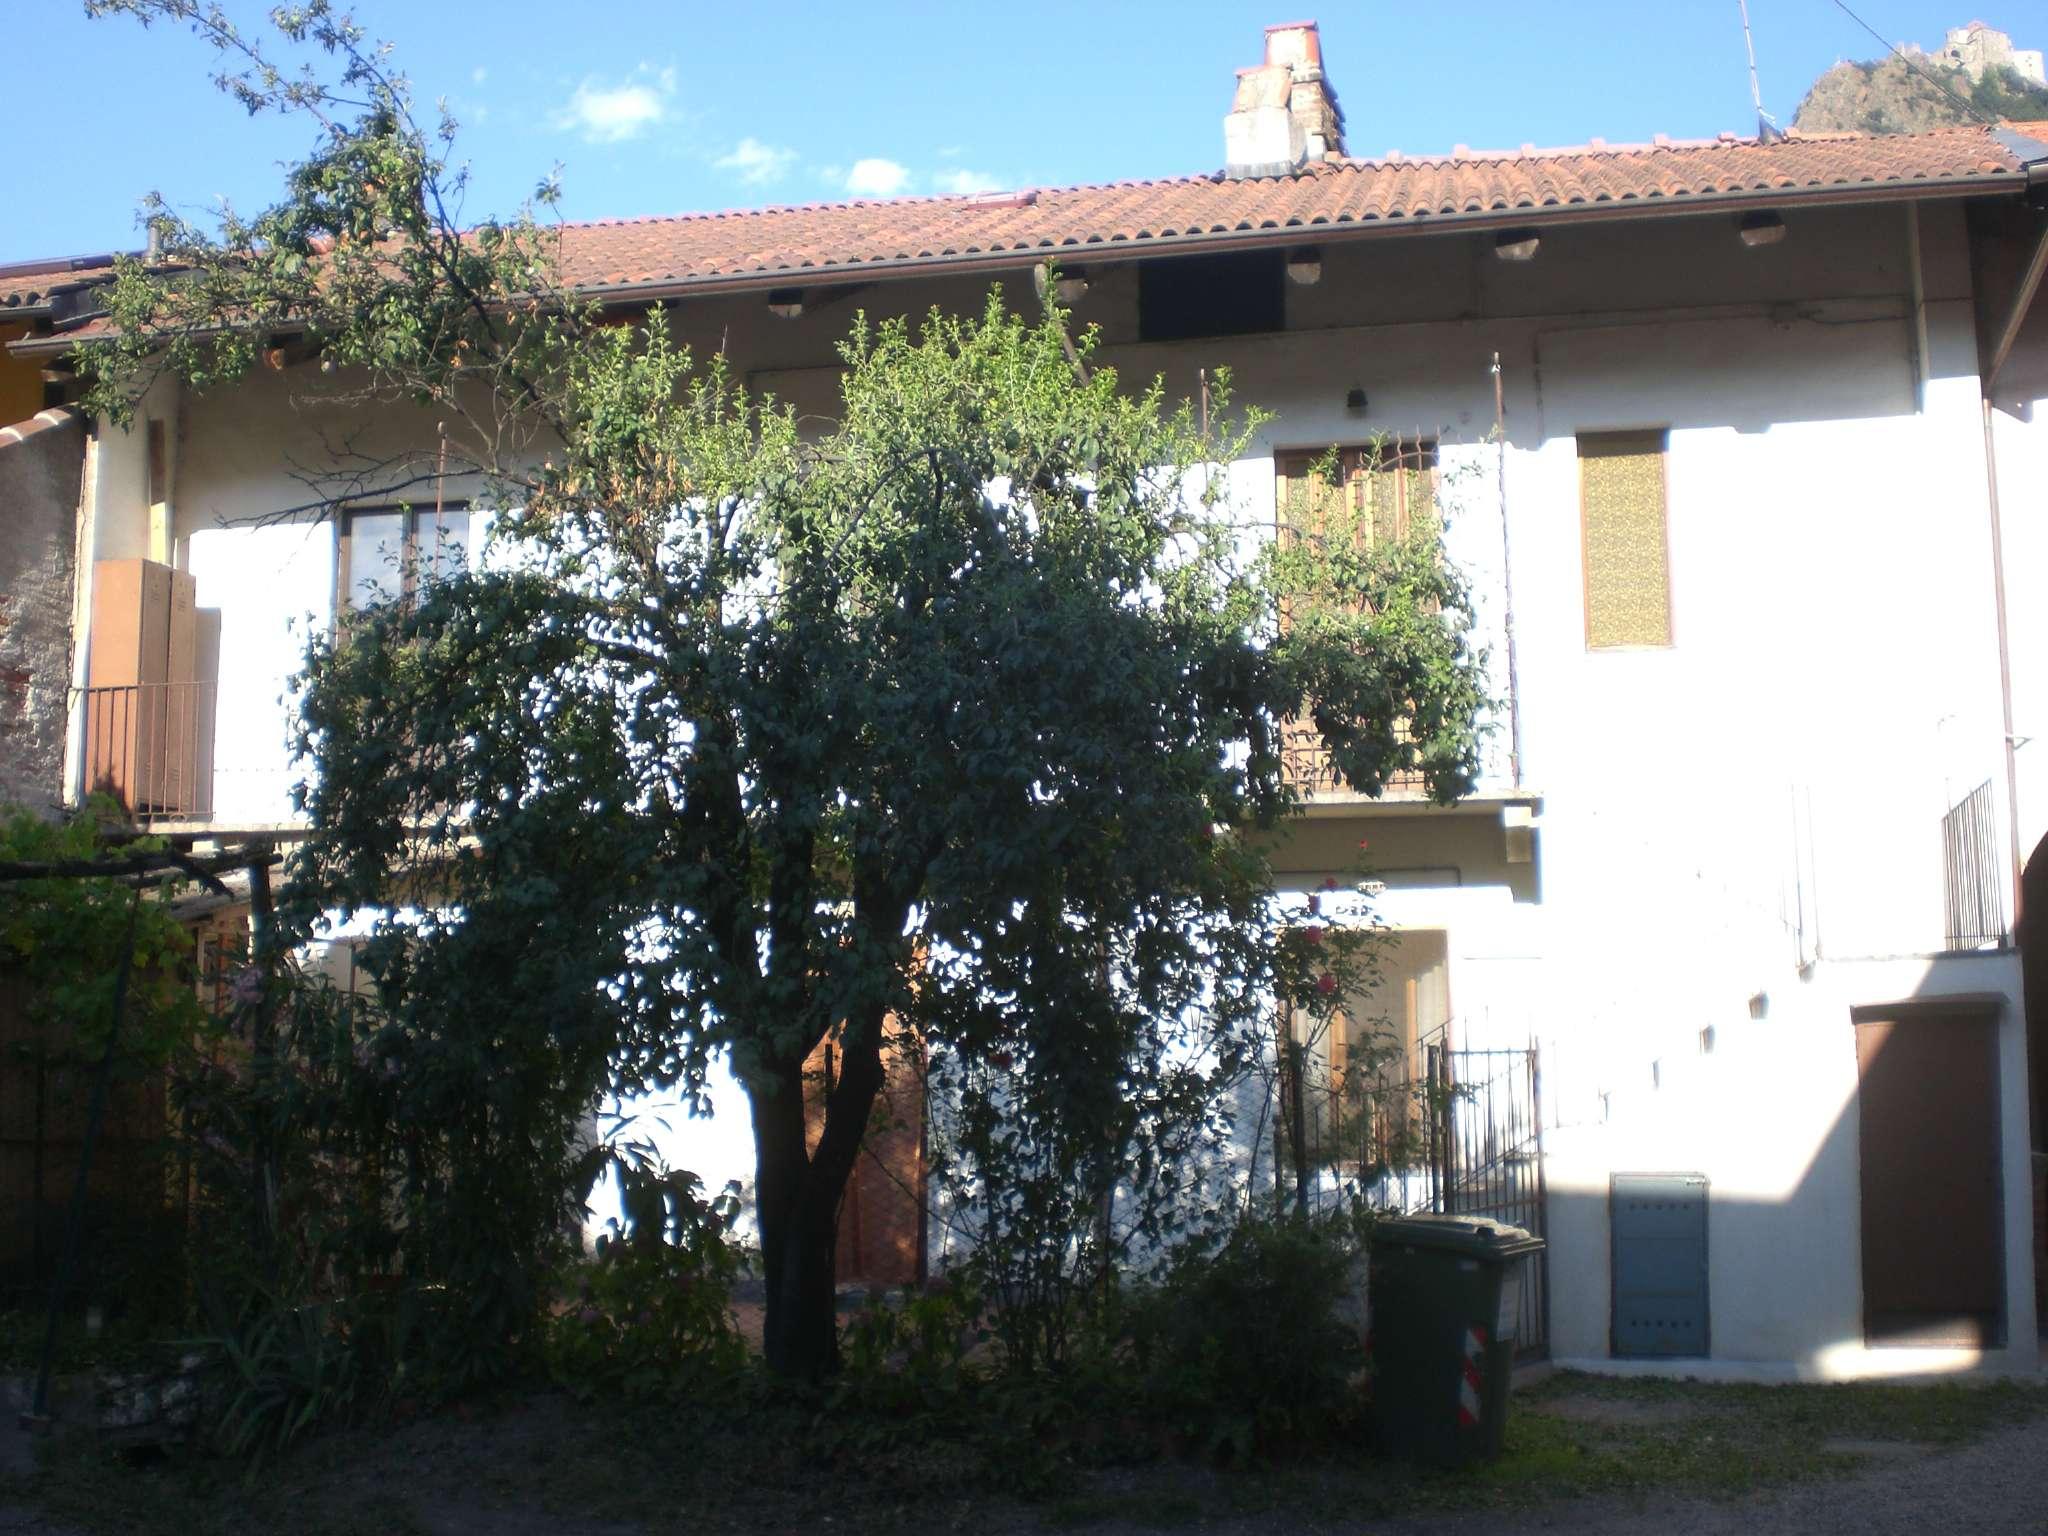 Soluzione Semindipendente in vendita a Chiusa di San Michele, 7 locali, prezzo € 63.000 | CambioCasa.it